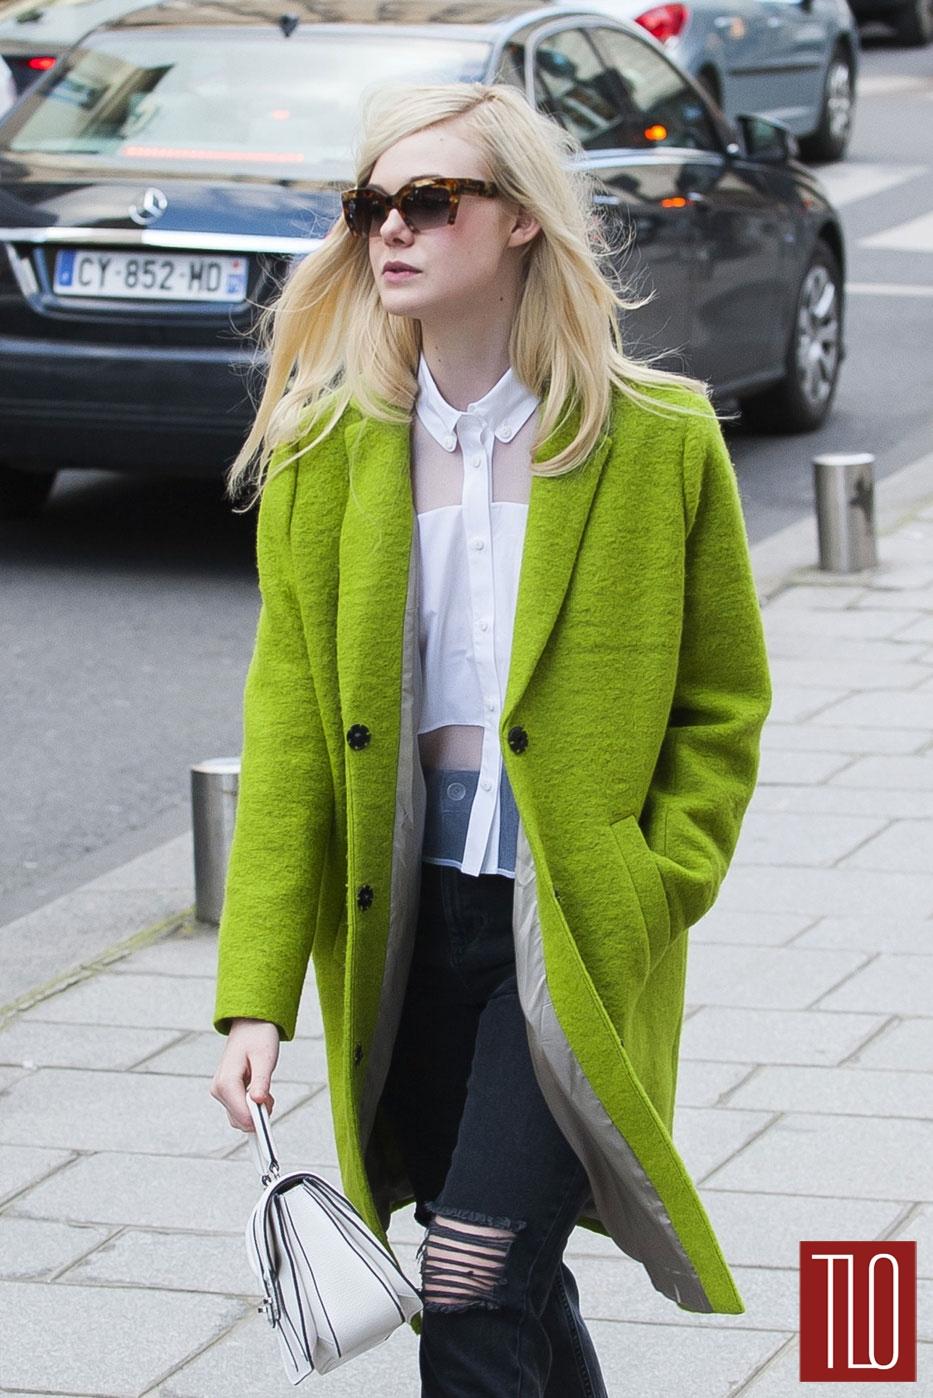 Elle-Fanning-Topshop-Paris-Tom-Lorenzo-Site-TLO (1)